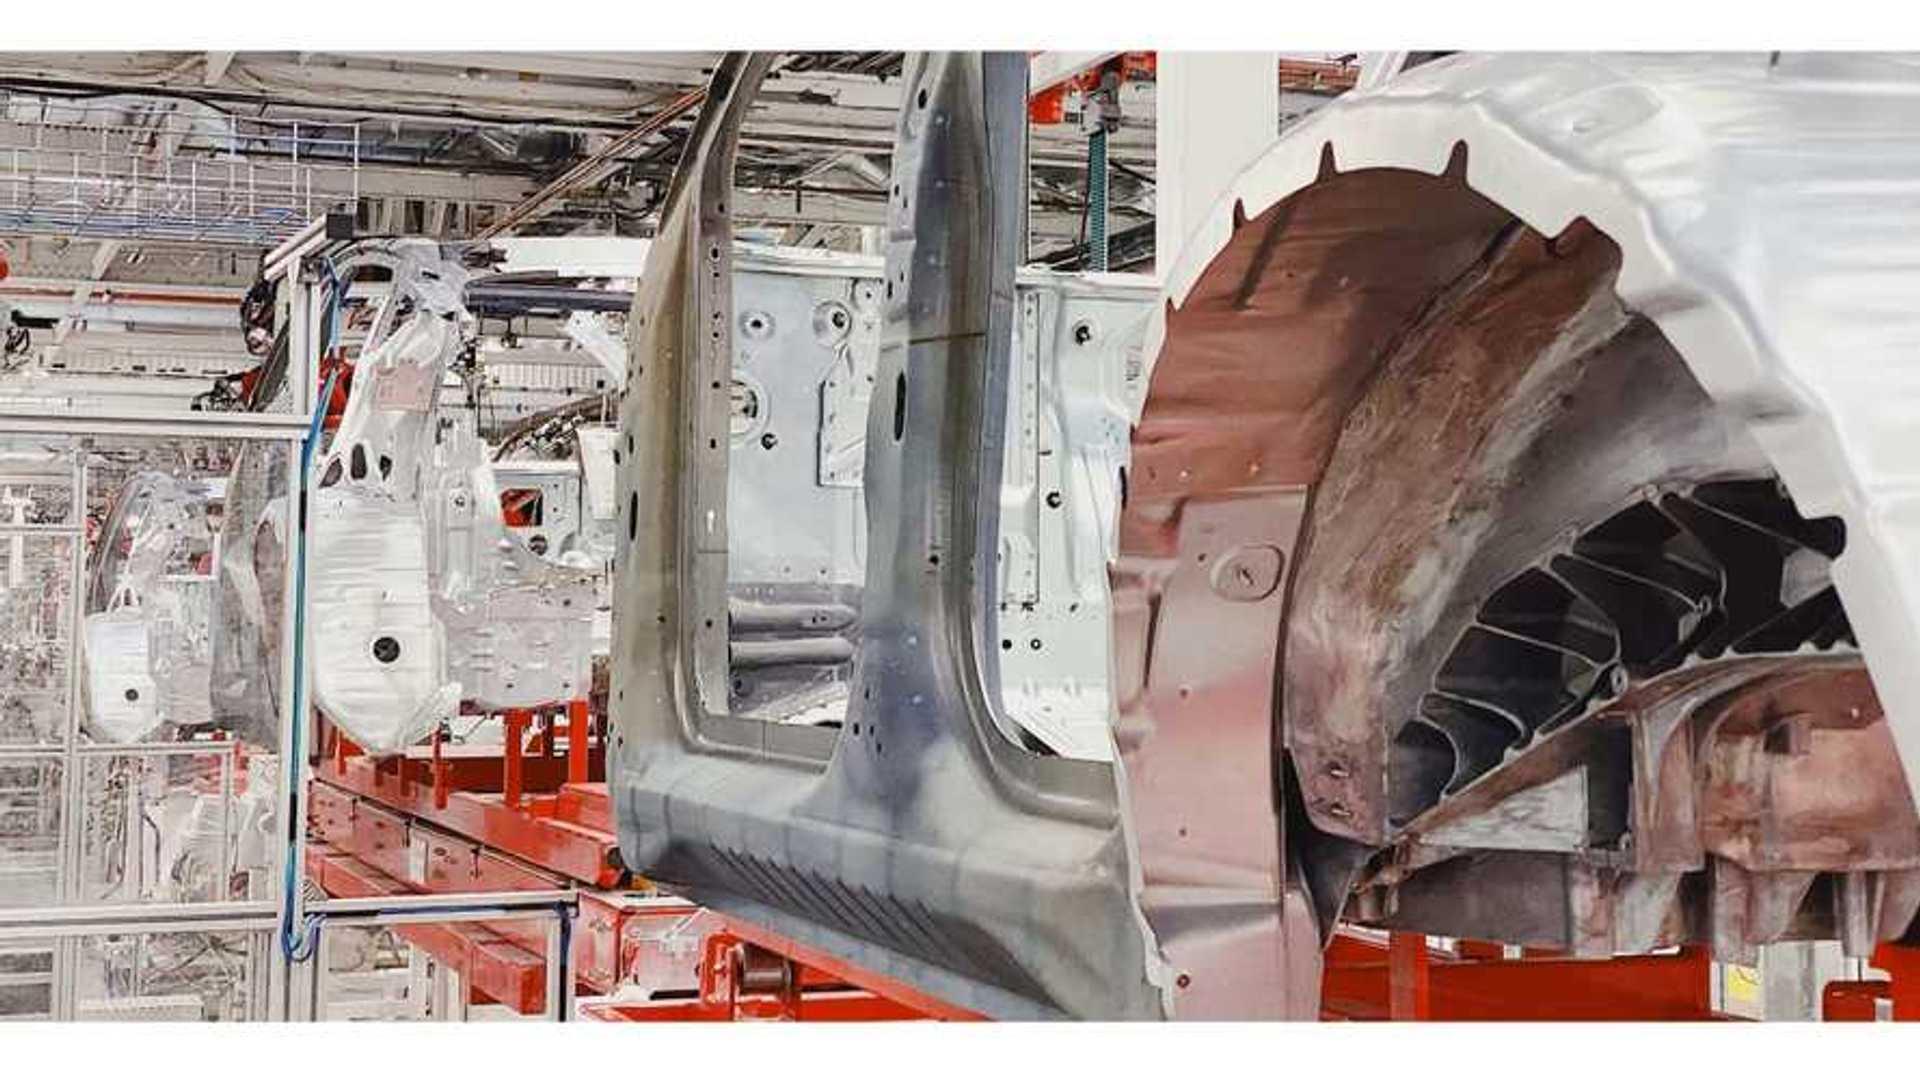 Tesla Model Y body shop in Fremont Factory